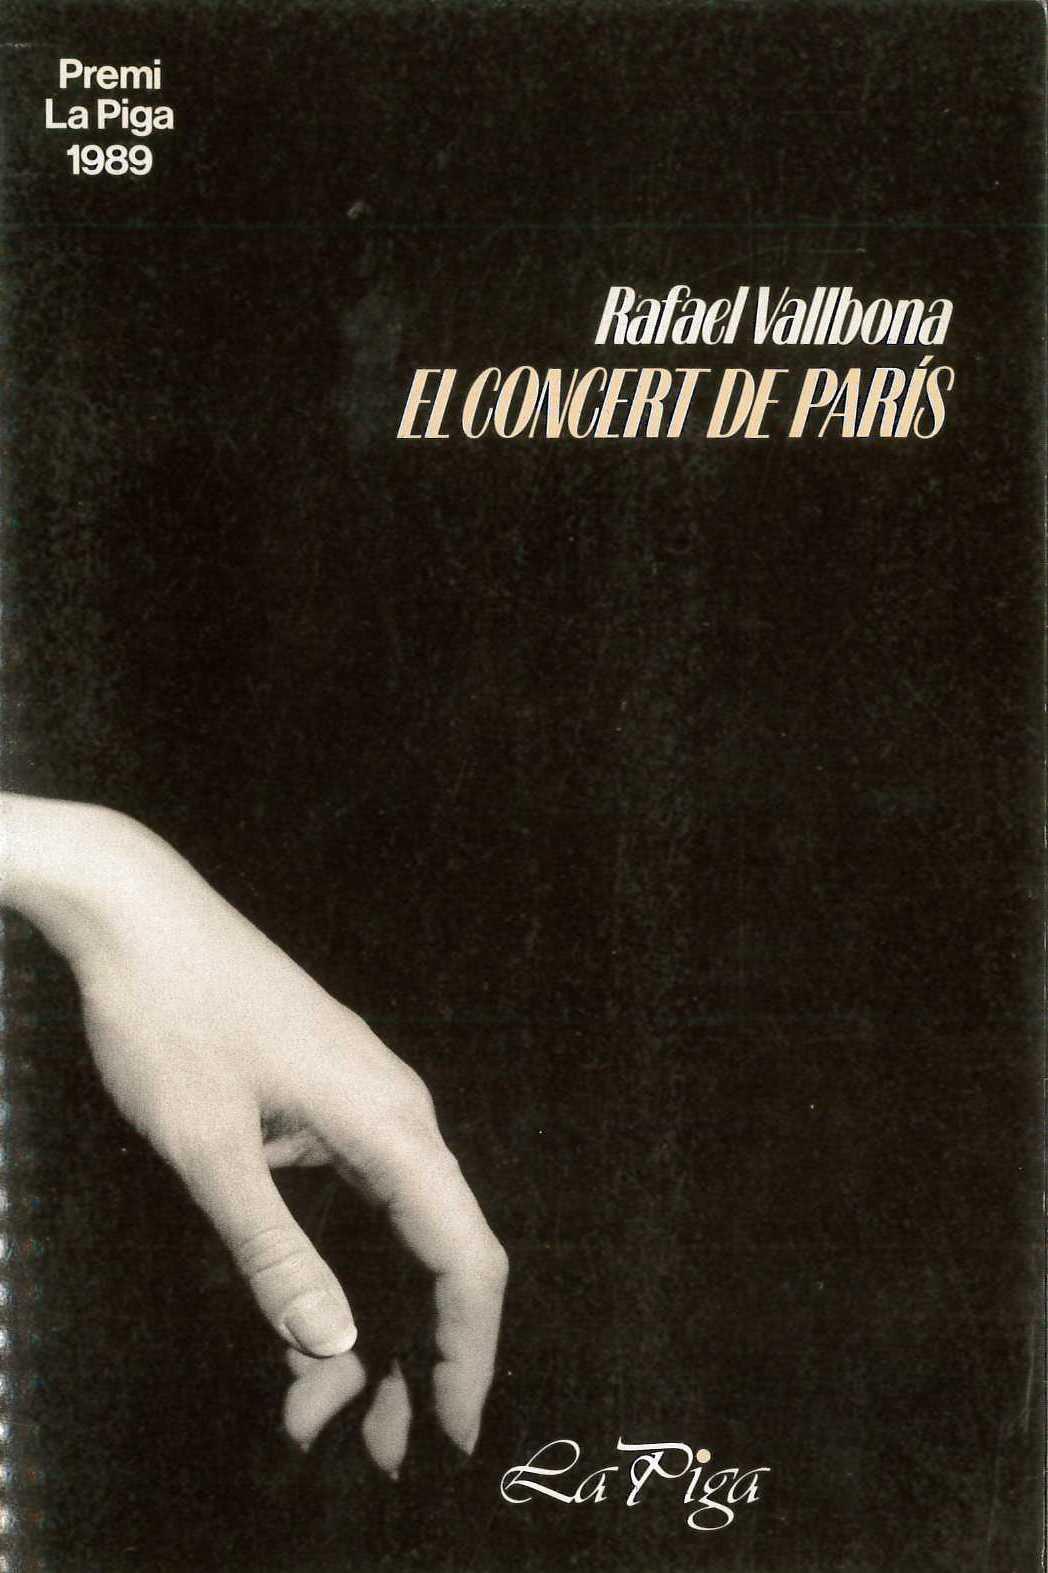 El concert de París